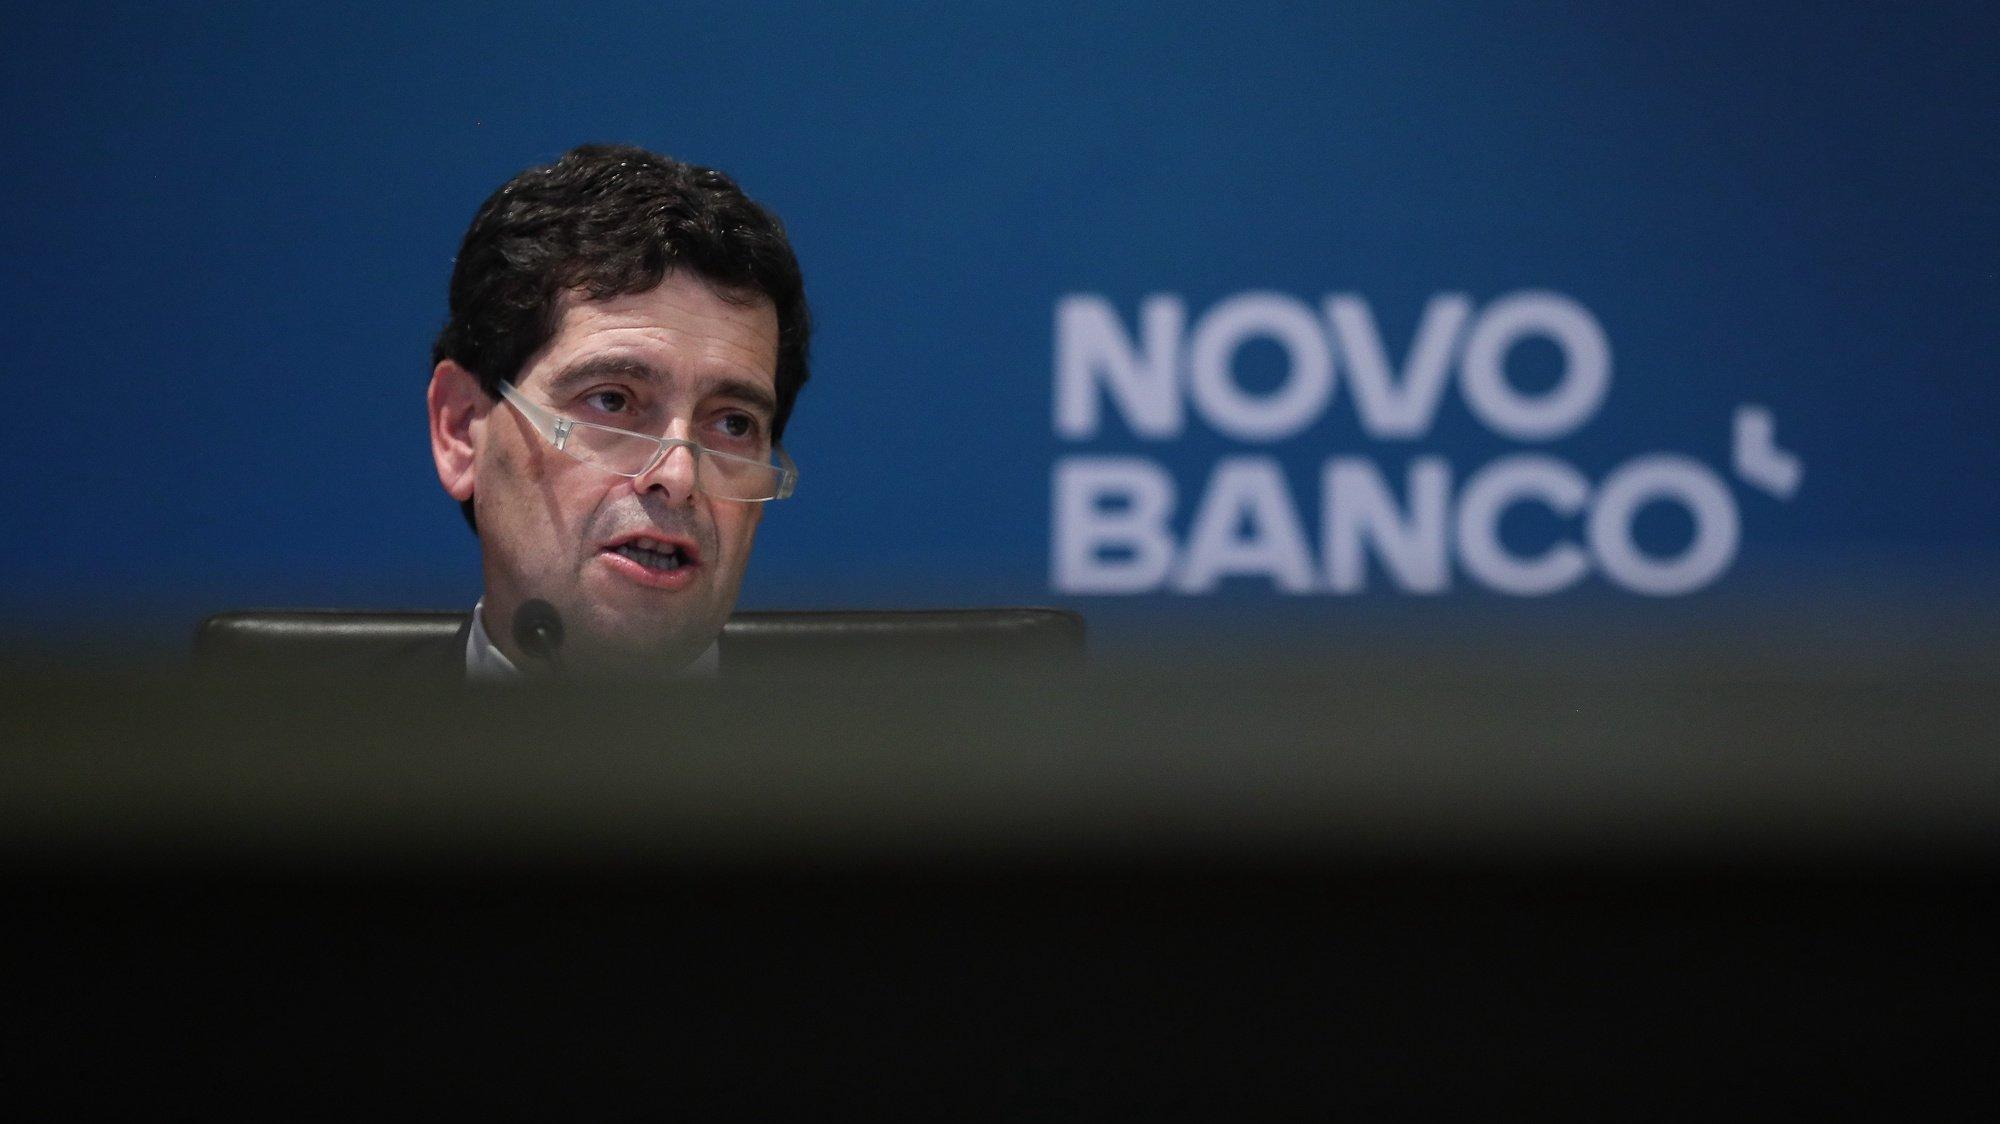 O diretor Executivo do Novo Banco, António Ramalho, durante a conferência de imprensa de apresentação de resultados de 2020, na sede do Novo Banco, em Lisboa, em Lisboa, 26 de março de 2021. MÁRIO CRUZ/LUSA